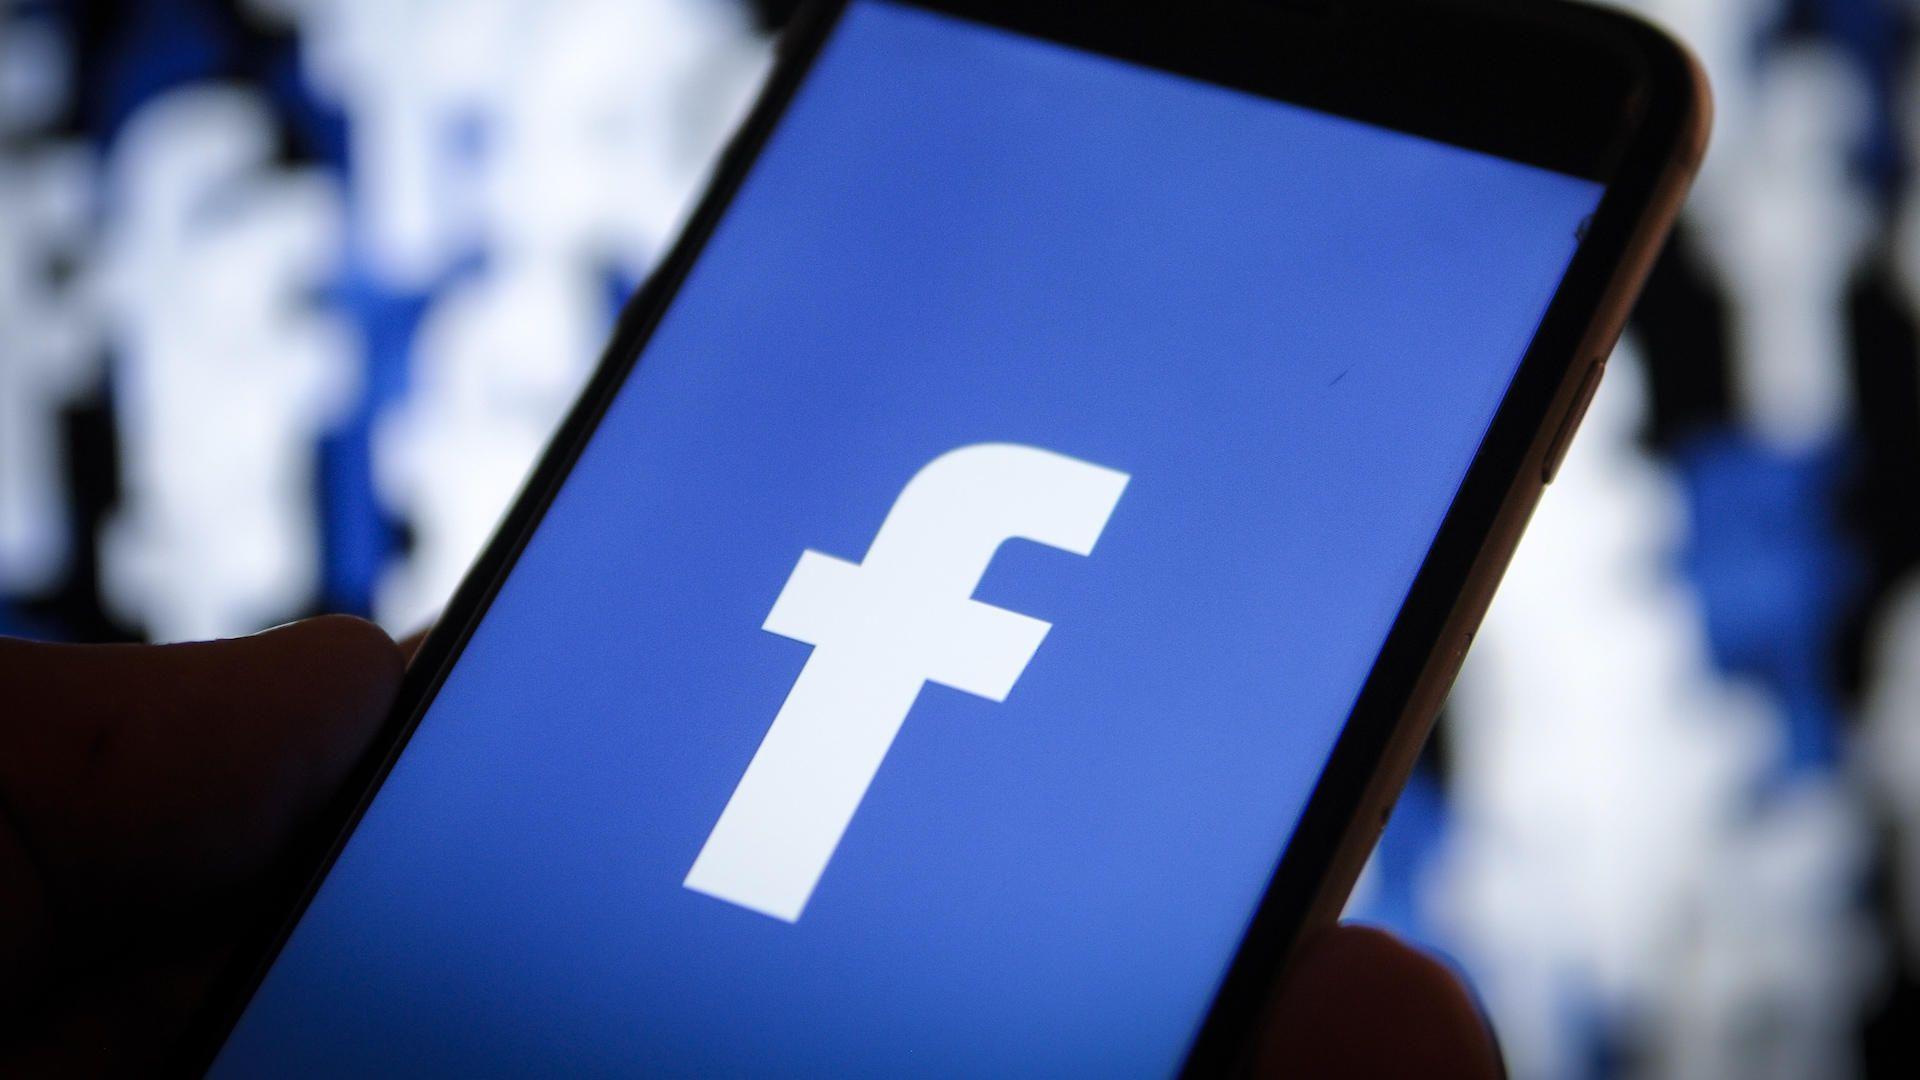 Facebook інвестував $ 5,7 млрд в індійську технологічну компанію Jio Platforms